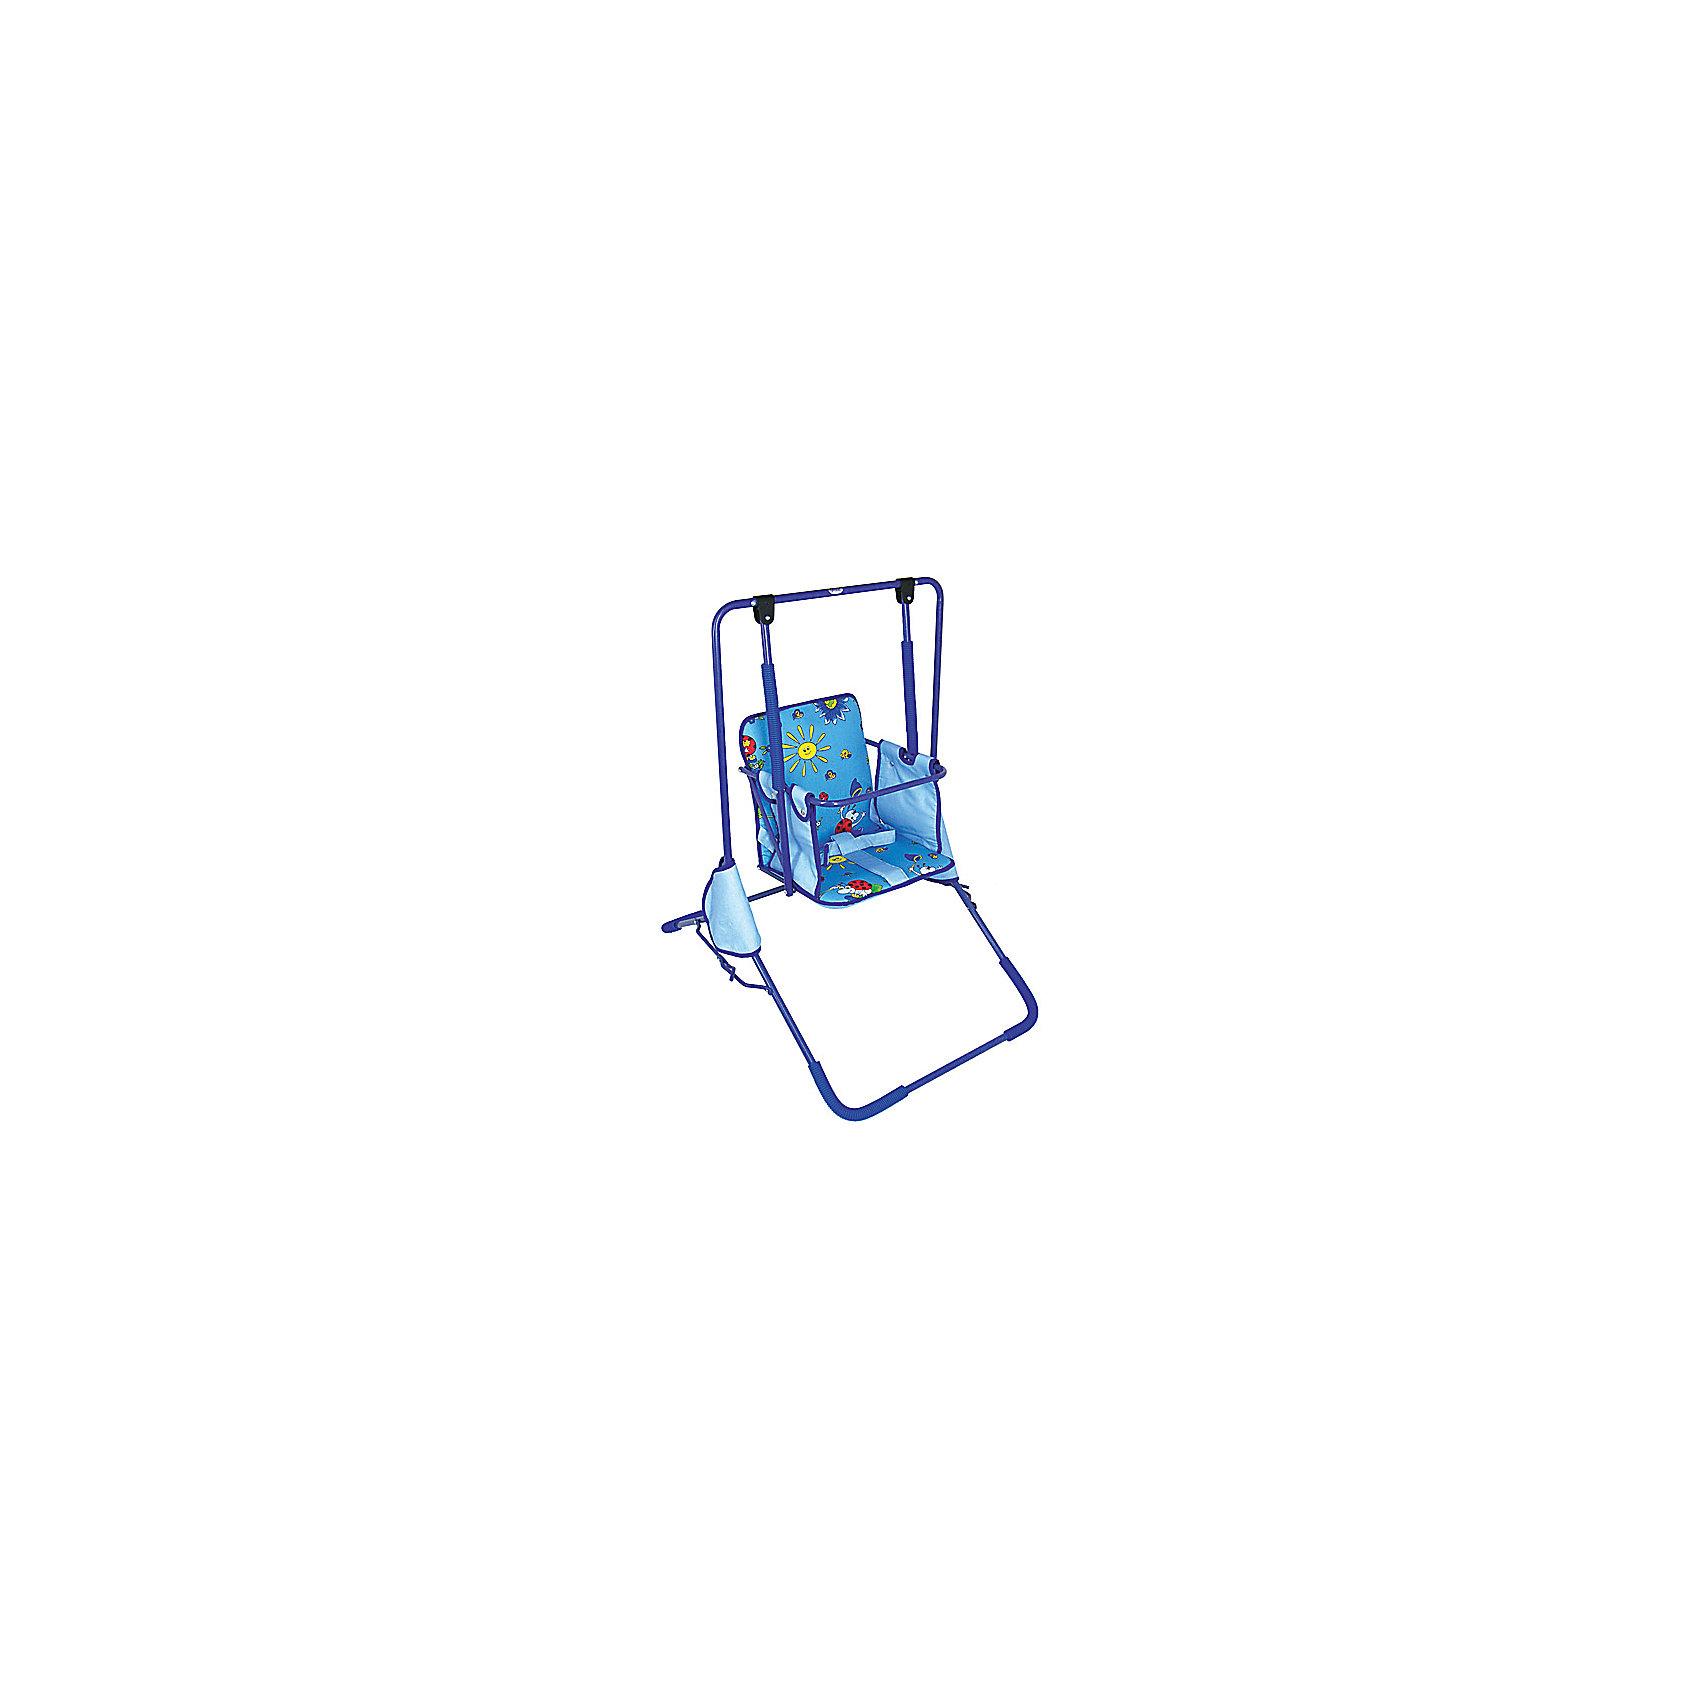 Качели напольные Малыш ФеяХарактеристики:<br><br>• Наименование: качели напольные<br>• Сезон: круглый год<br>• Пол: универсальный<br>• Материал: металл, текстиль, пластик<br>• Цвет: синий, голубой<br>• Наличие мягкого съемного сиденья<br>• Наличие ремней безопасности<br>• Устойчивый каркас с антискользящими накладками<br>• Механизм складывания: книжка<br>• Максимально допустимый вес: до 15 кг<br>• Размеры сидения (Ш*В): 33*42 см <br>• Высота каркаса: 1 м 22 см<br>• Вес: 6 кг<br><br>Качели напольные Малыш Фея предназначены для детей младшего дошкольного возраста. Изготовлены из устойчивой конструкции, предотвращающей опрокидывания и пошатываения во время качания, делают их безопасными даже для самых маленьких детей. Широкое сиденье выполнено в форме стульчика со съемным чехлом, что делает их удобными в уходе. Конструкция имеет складной механизм и легкий вес, что позволяет их использовать не только дома, но и брать с собой на дачу или на природу. <br><br>Качели напольные Малыш Фея можно купить в нашем интернет-магазине.<br><br>Ширина мм: 500<br>Глубина мм: 200<br>Высота мм: 100<br>Вес г: 2000<br>Возраст от месяцев: 36<br>Возраст до месяцев: 84<br>Пол: Унисекс<br>Возраст: Детский<br>SKU: 5120641